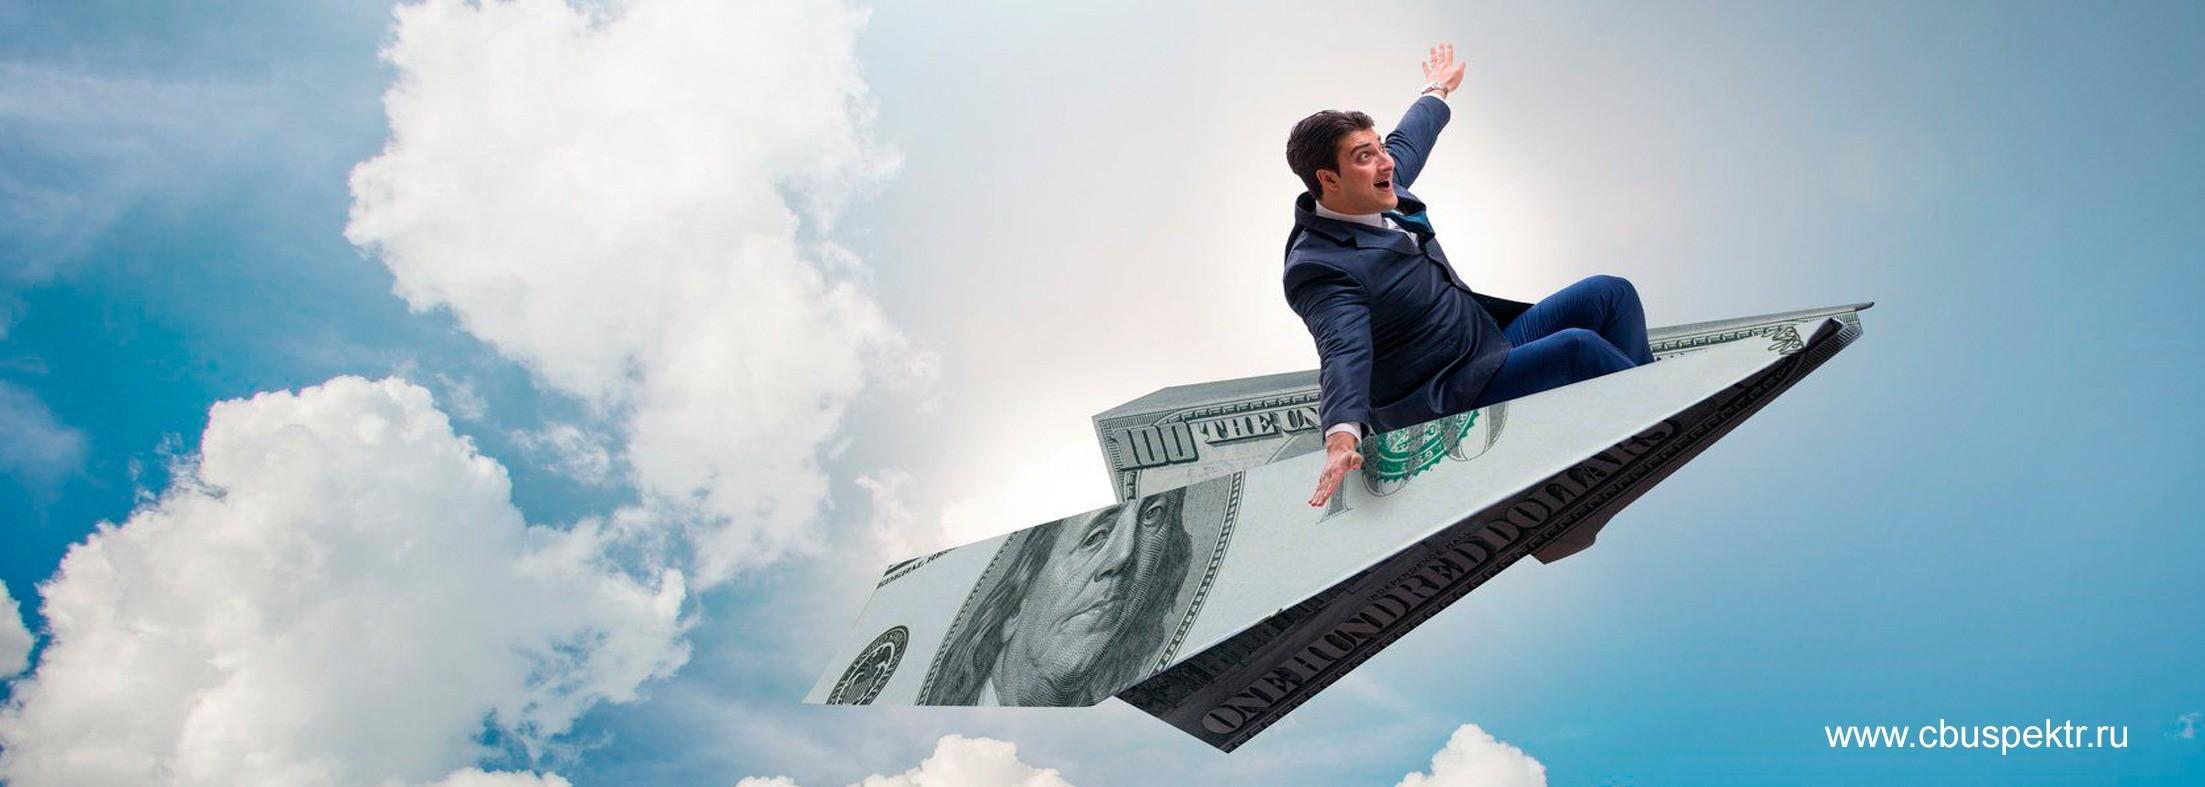 Бизнесмен на бумажном самолетике из долларовой купюры